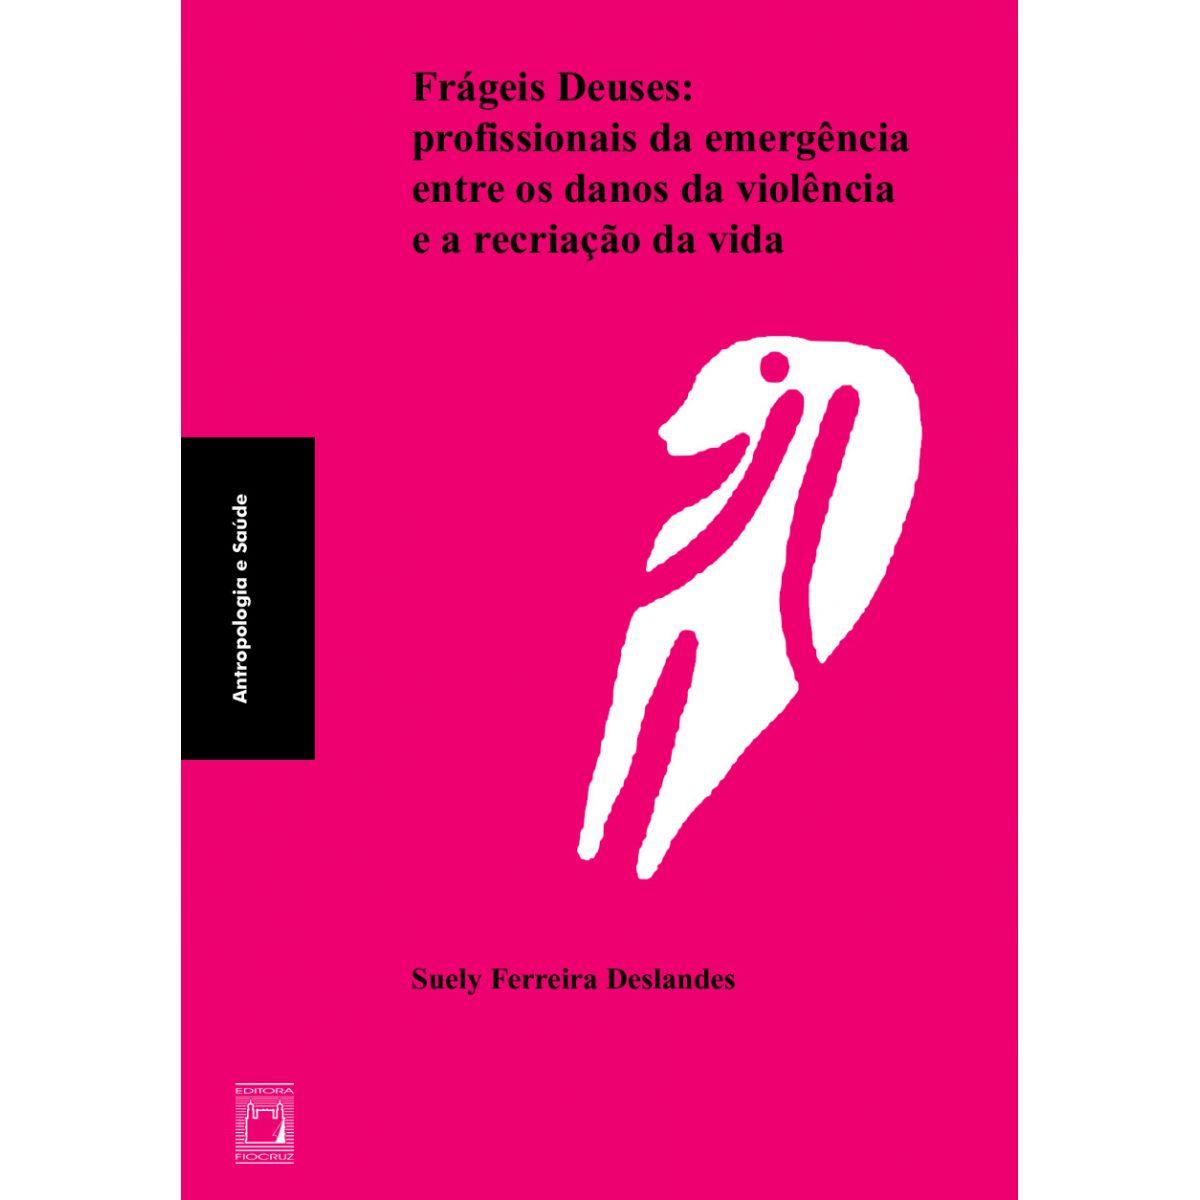 Frágeis Deuses: profissionais da emergência entre os danos da violência e a recriação da vida  - Livraria Virtual da Editora Fiocruz